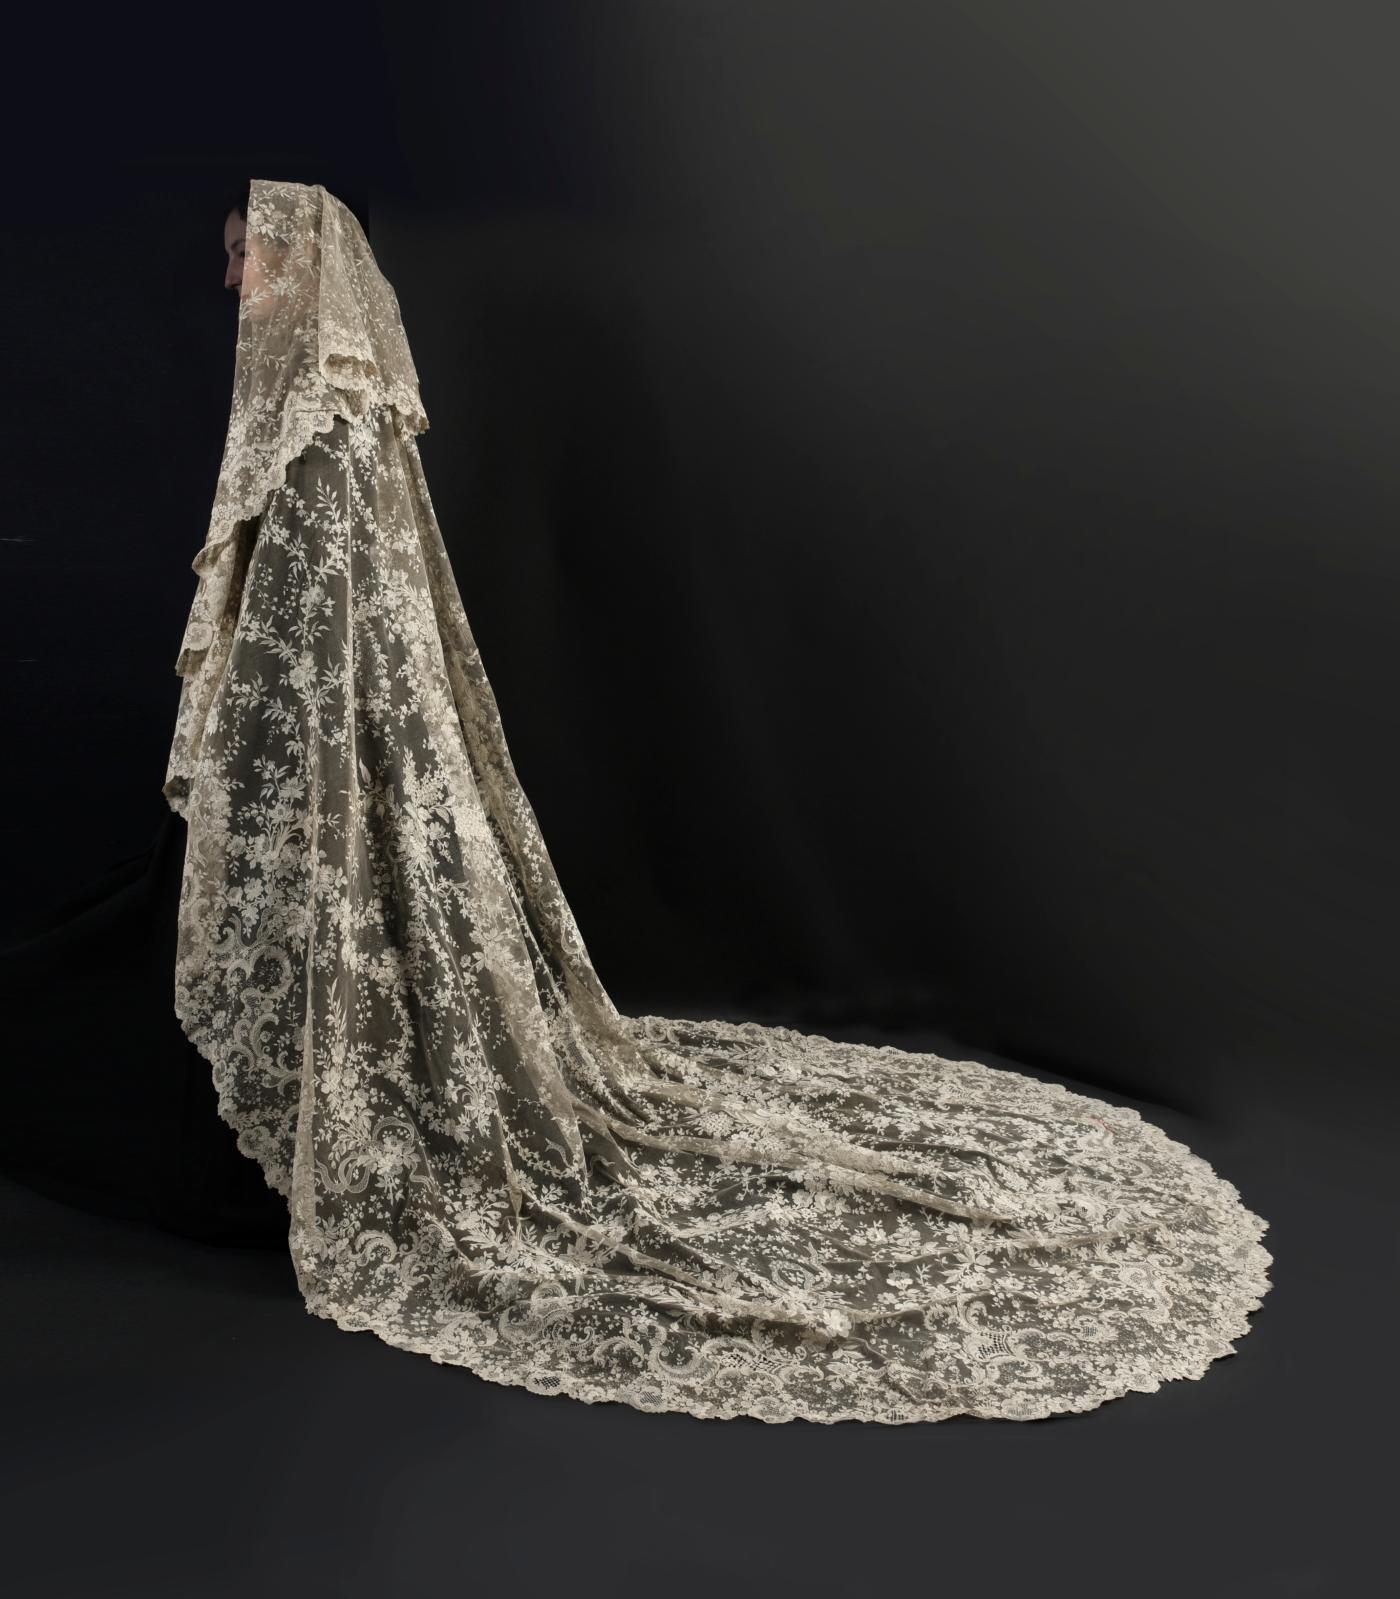 Alençon, third quarter of the 19th century, needlepoint lace wedding veil, 360 x 205 cm (141.73 x 80.07 in). Paris, Drouot, October 24, 2018, Coutau-Bégarie auction house, Ms. Vuille, preempted for The Musée des Beaux-Arts et de la Dentelle in Alençon. Result: €82,940